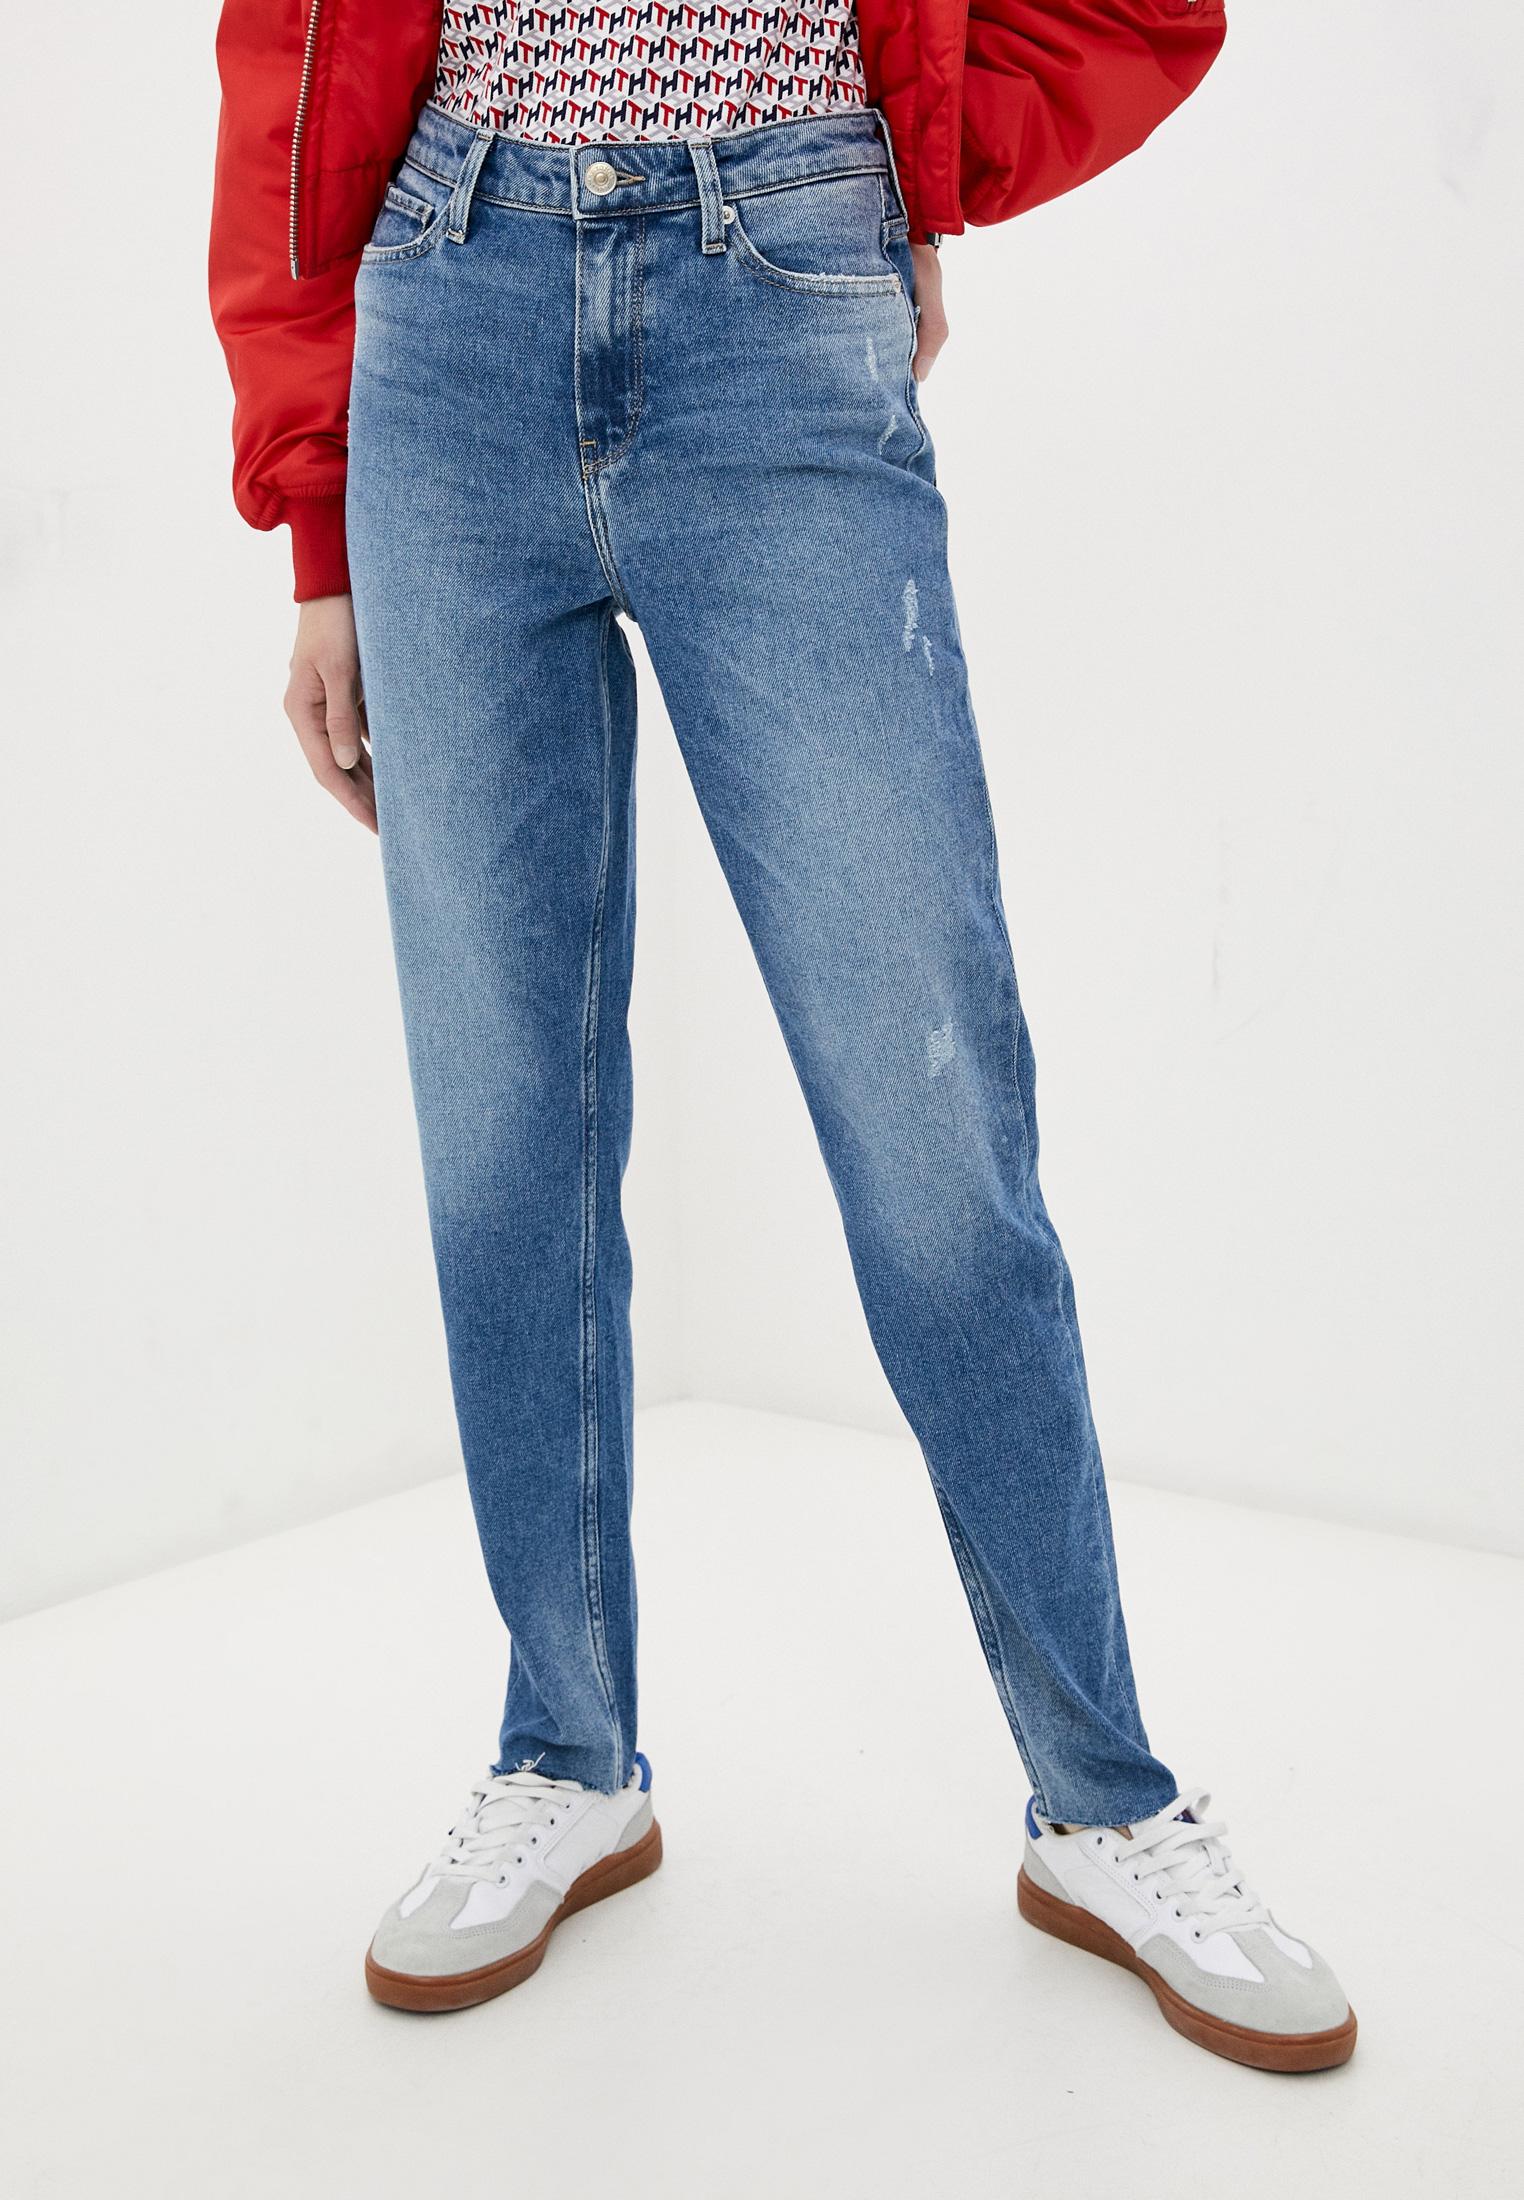 Прямые джинсы Tommy Hilfiger (Томми Хилфигер) WW0WW30218: изображение 1